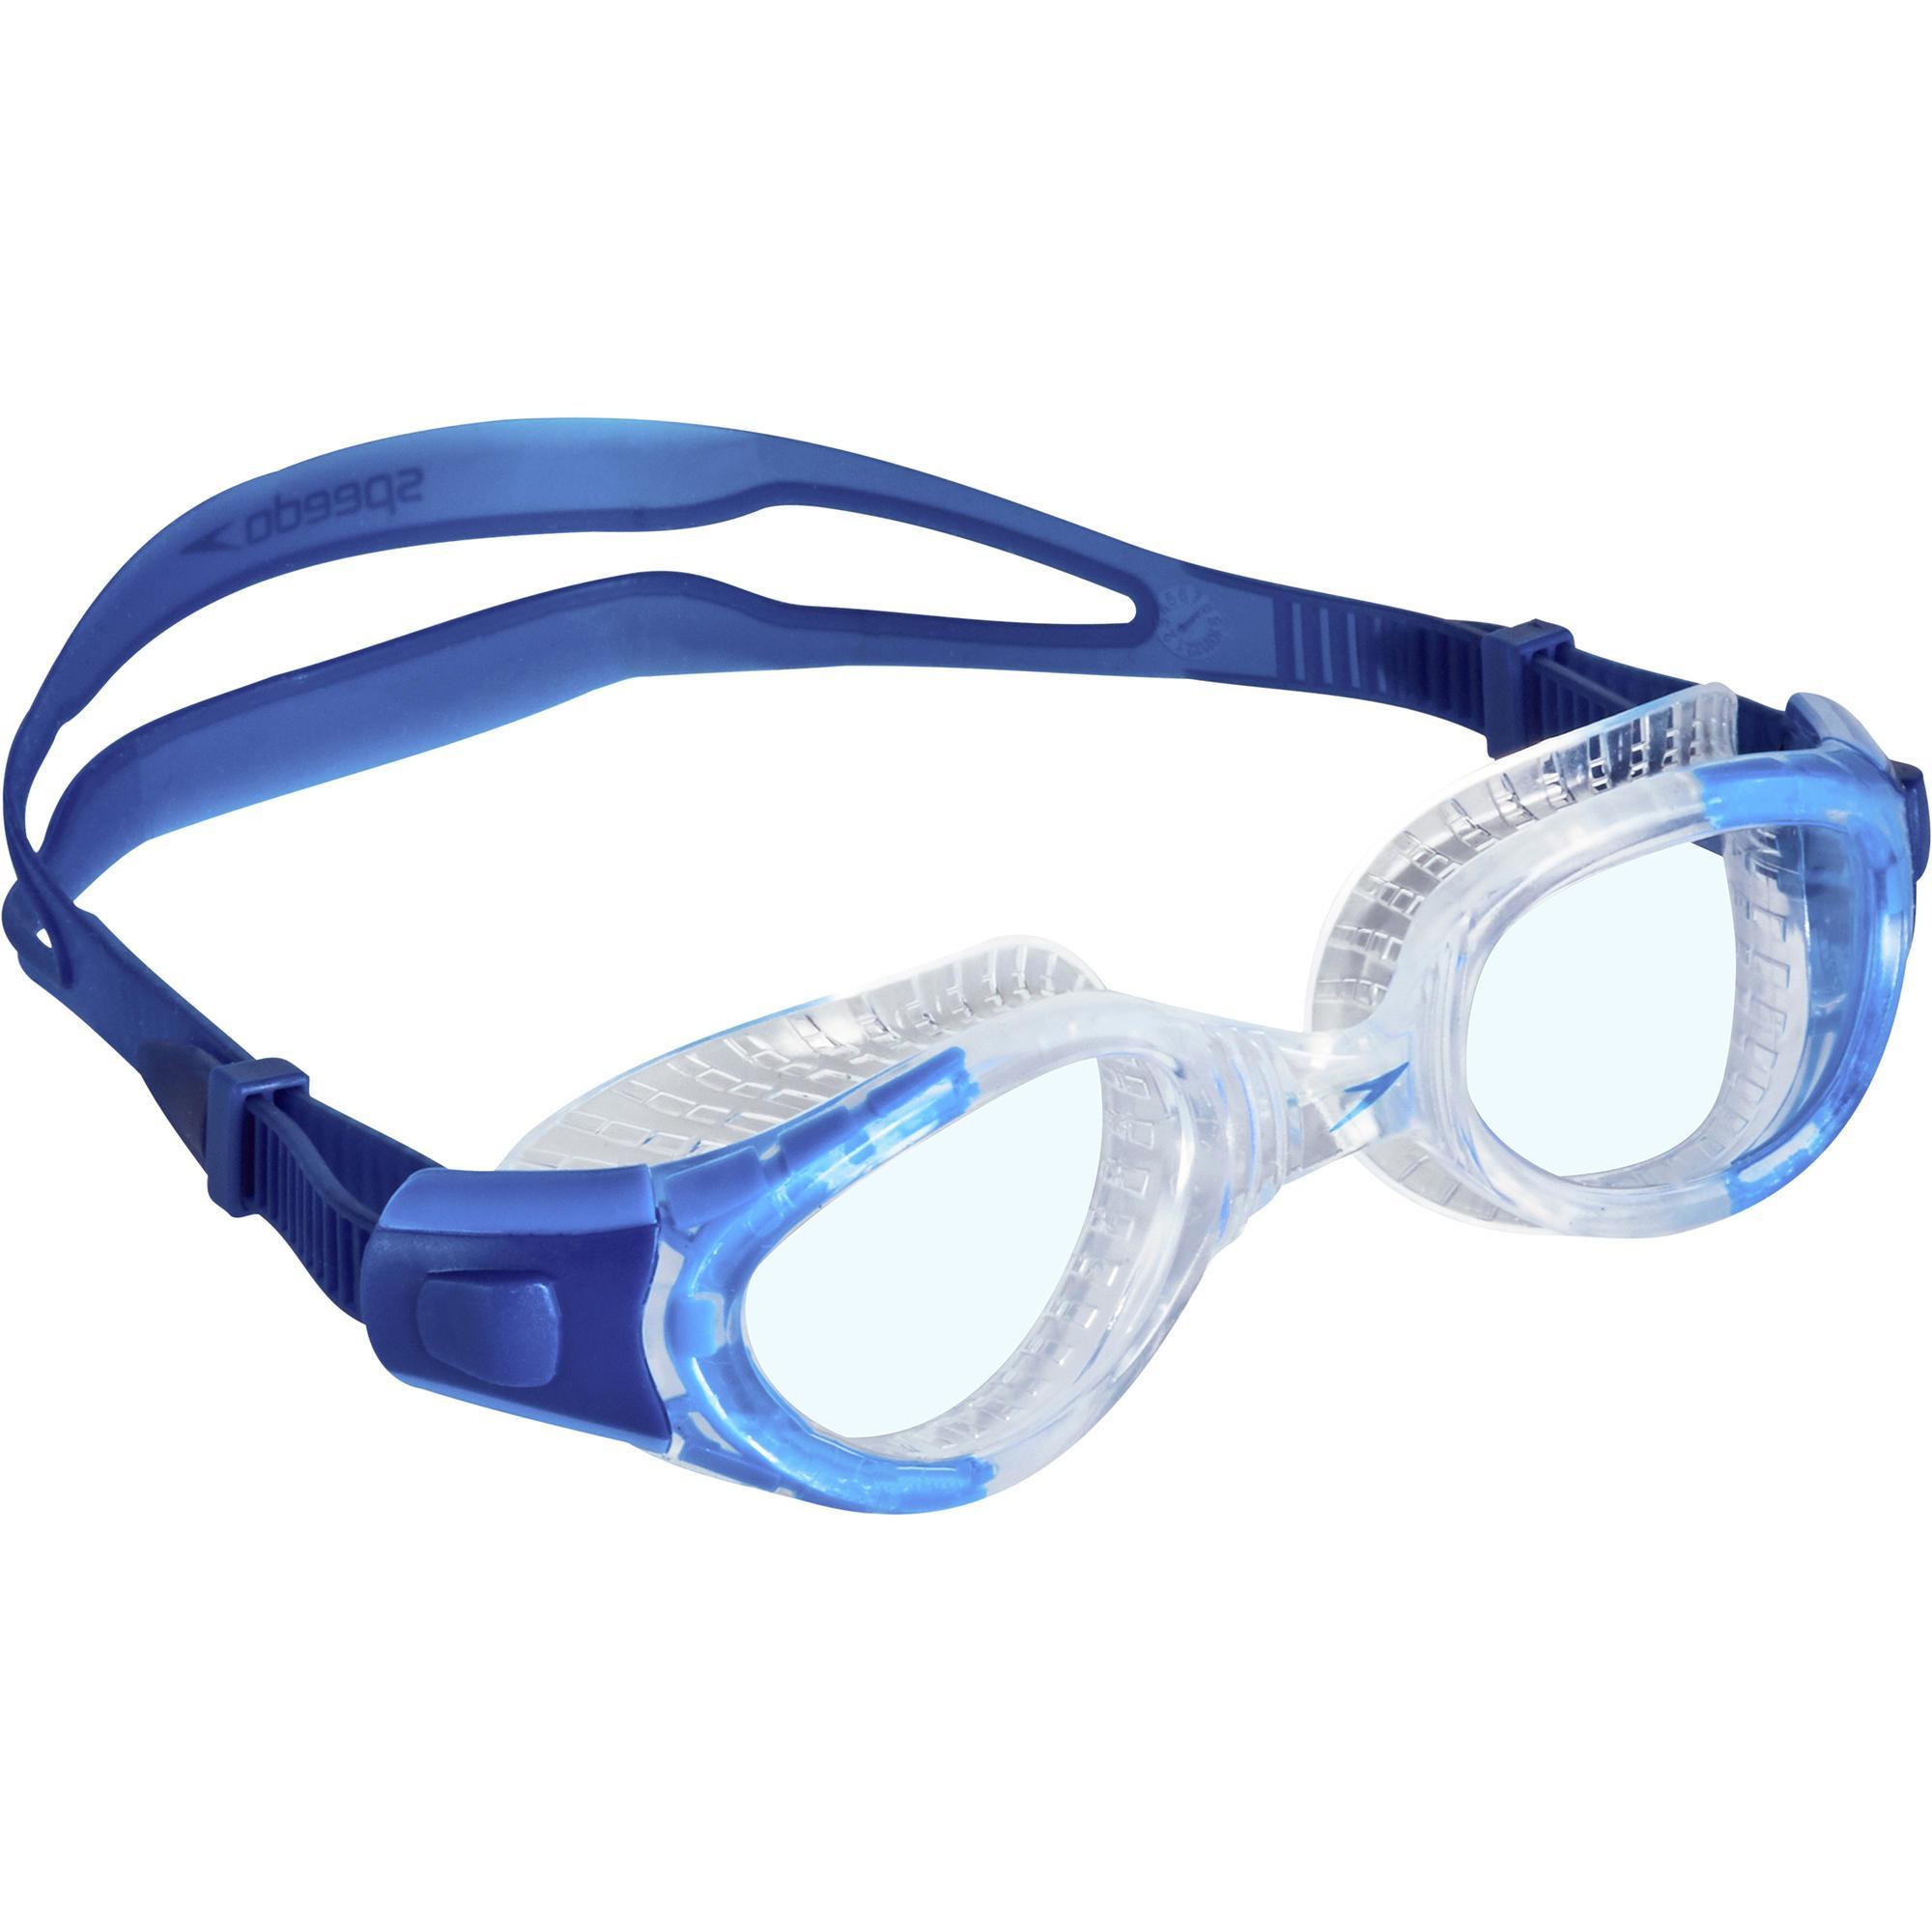 Speedo Zwembril Fut Biof Flexiseal zwart